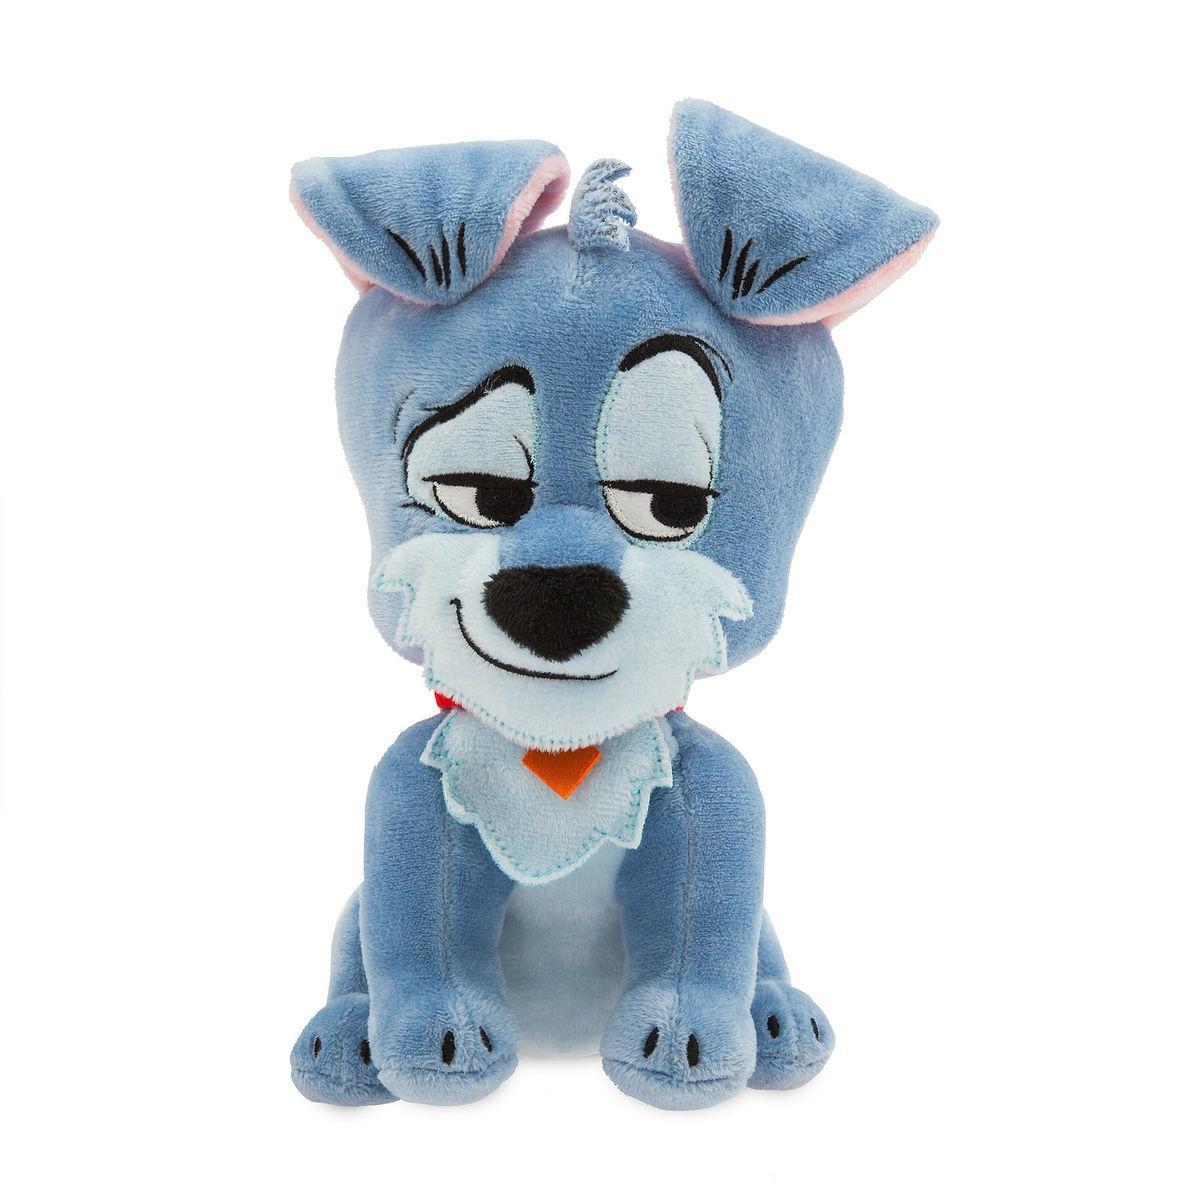 Disney Мягкая игрушка пес Бродяга 20см - Леди и Бродяга